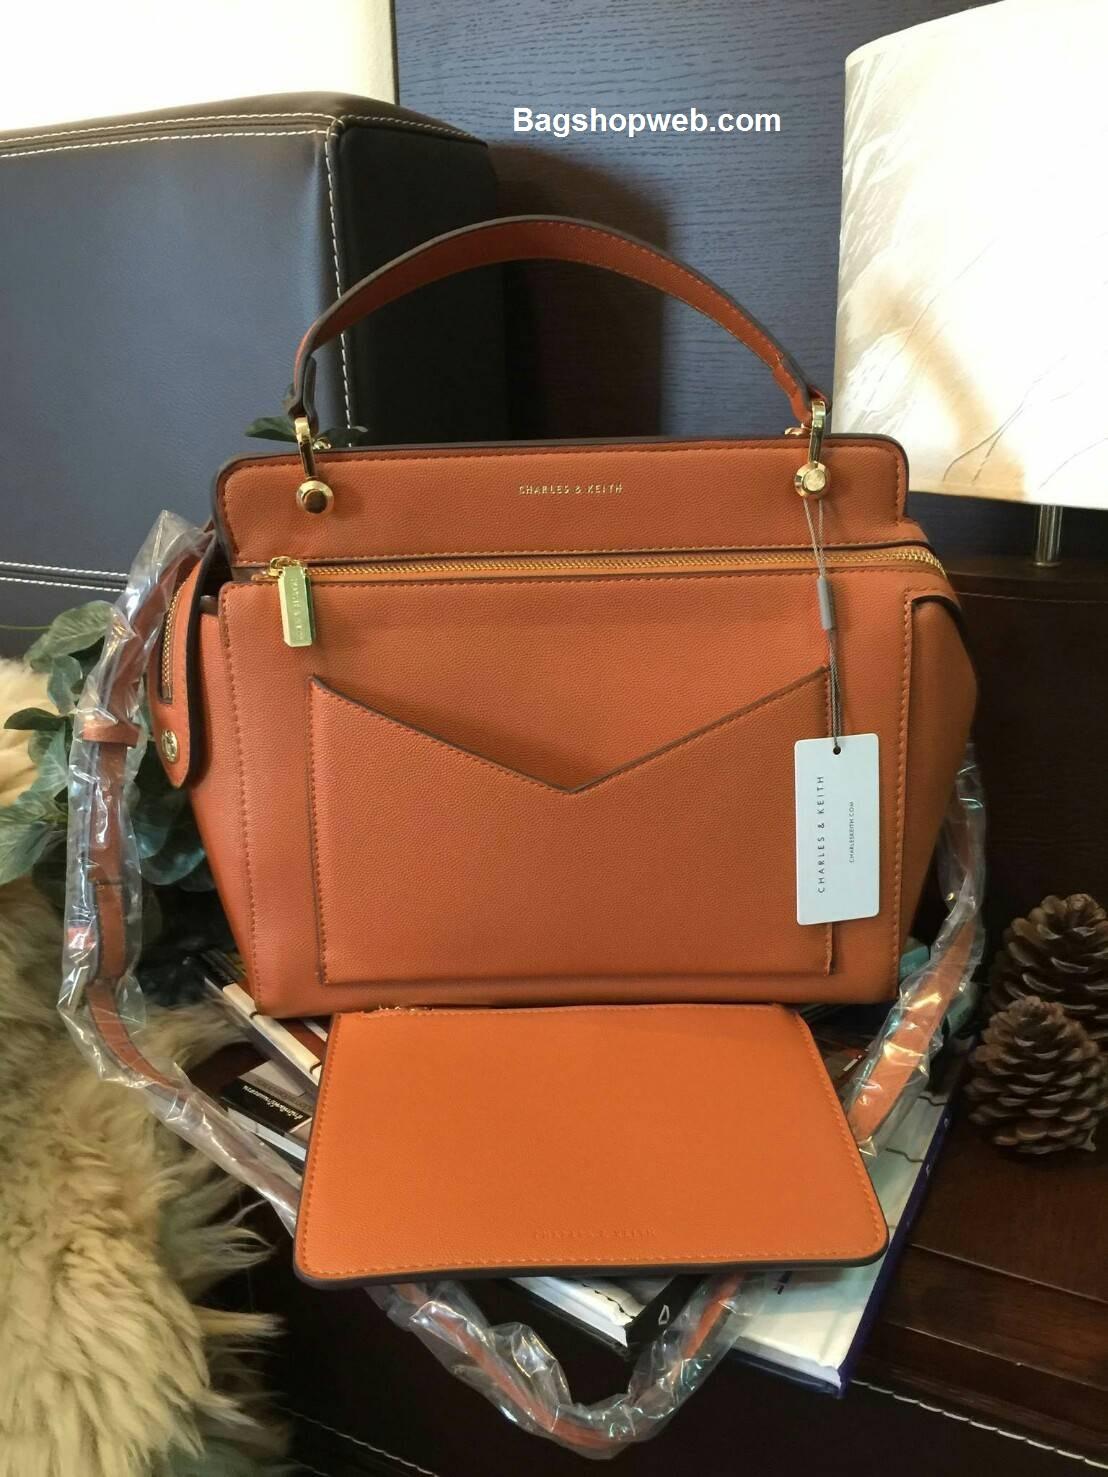 กระเป๋า CHARLES & KEITH LARGE TOP HANDLE BAG (Size L) สีส้ม ราคา 1,590 บาท Free Ems